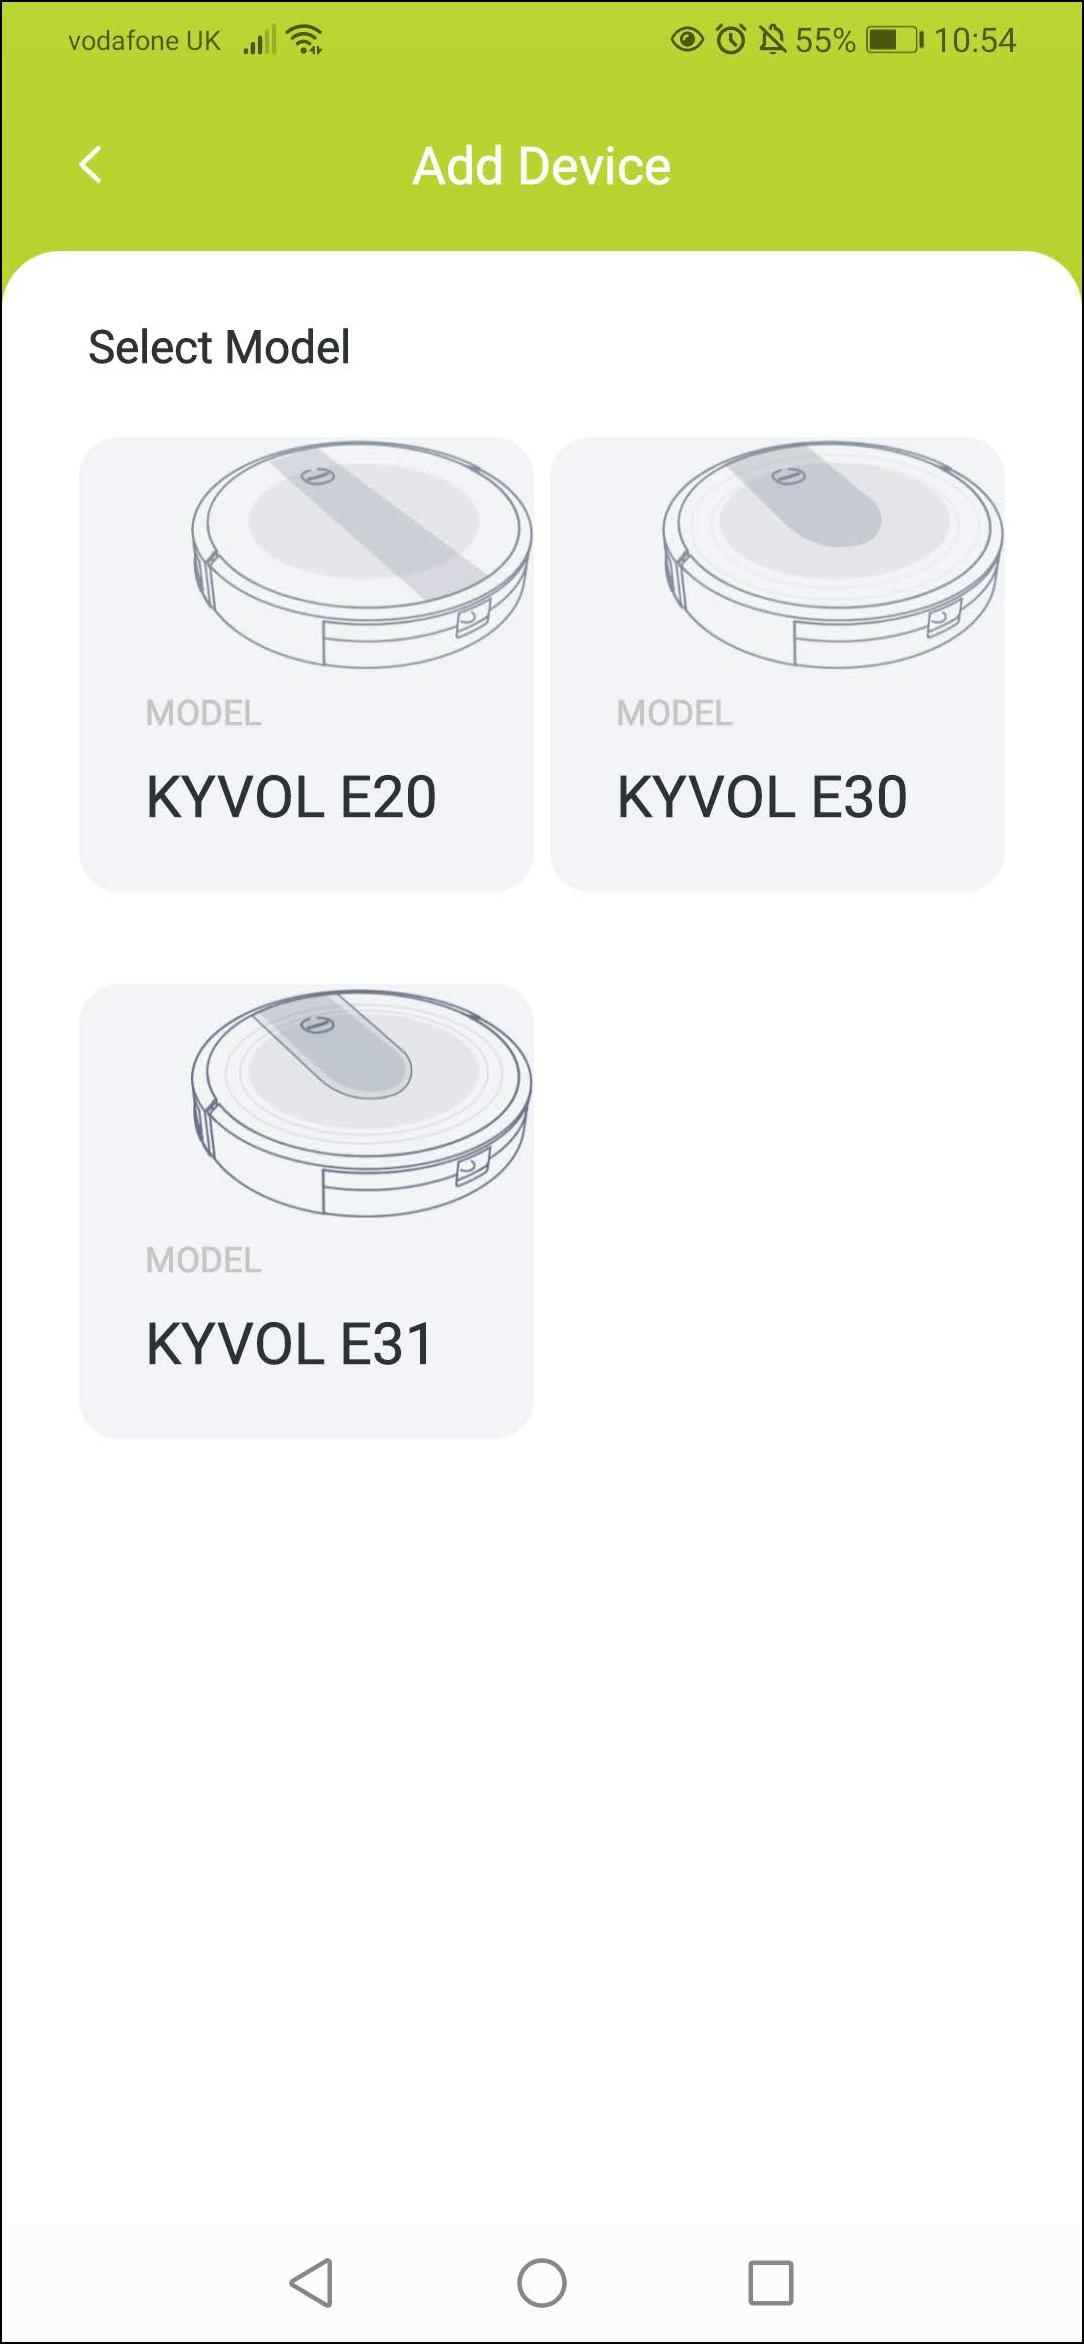 E30 app select device